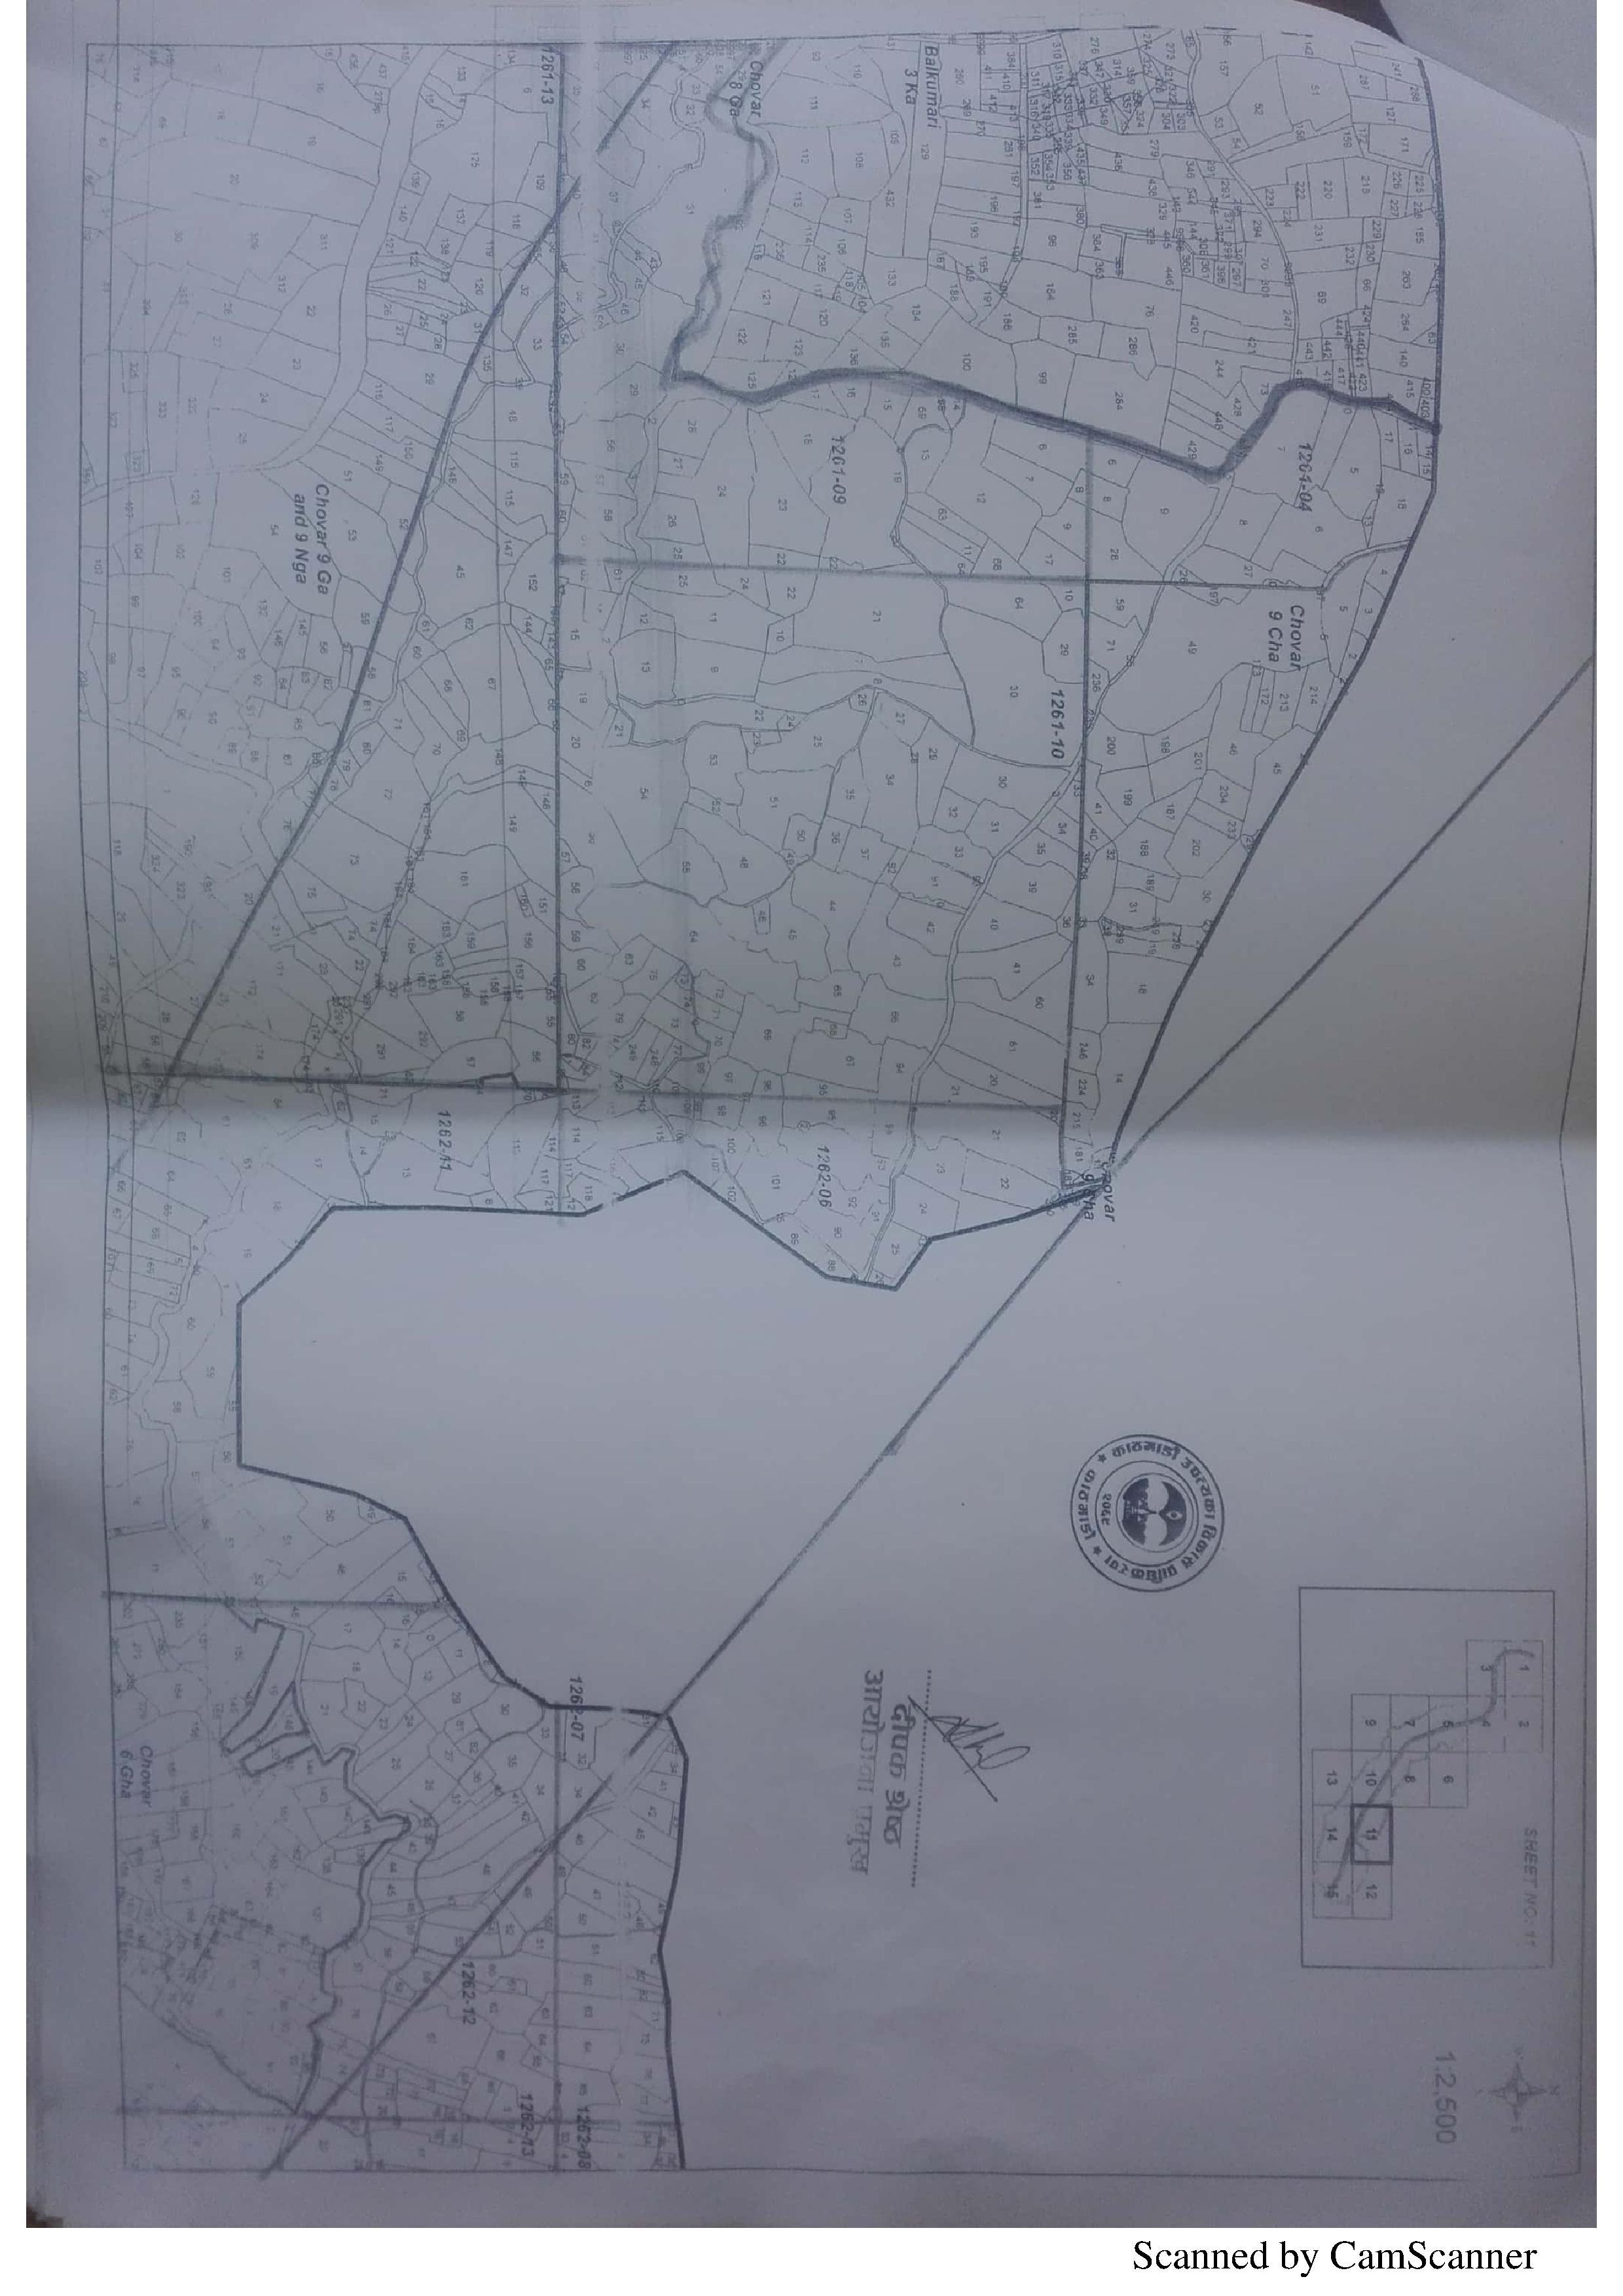 Chandragirinews outer-ring-road-10 बाहिरी चक्रपथको डि.पि.आर. (कित्ता न. सहित) तीनथाना दहचोक नगरपालिका नैकाप नयाँ भन्ज्यांग नैकाप पुरानो भन्ज्यांग बोसिंगाउँ ब्रेकिंग न्युज मछेगाउँ मातातिर्थ मुख्य राष्ट्रिय सतुंगल    chandragiri